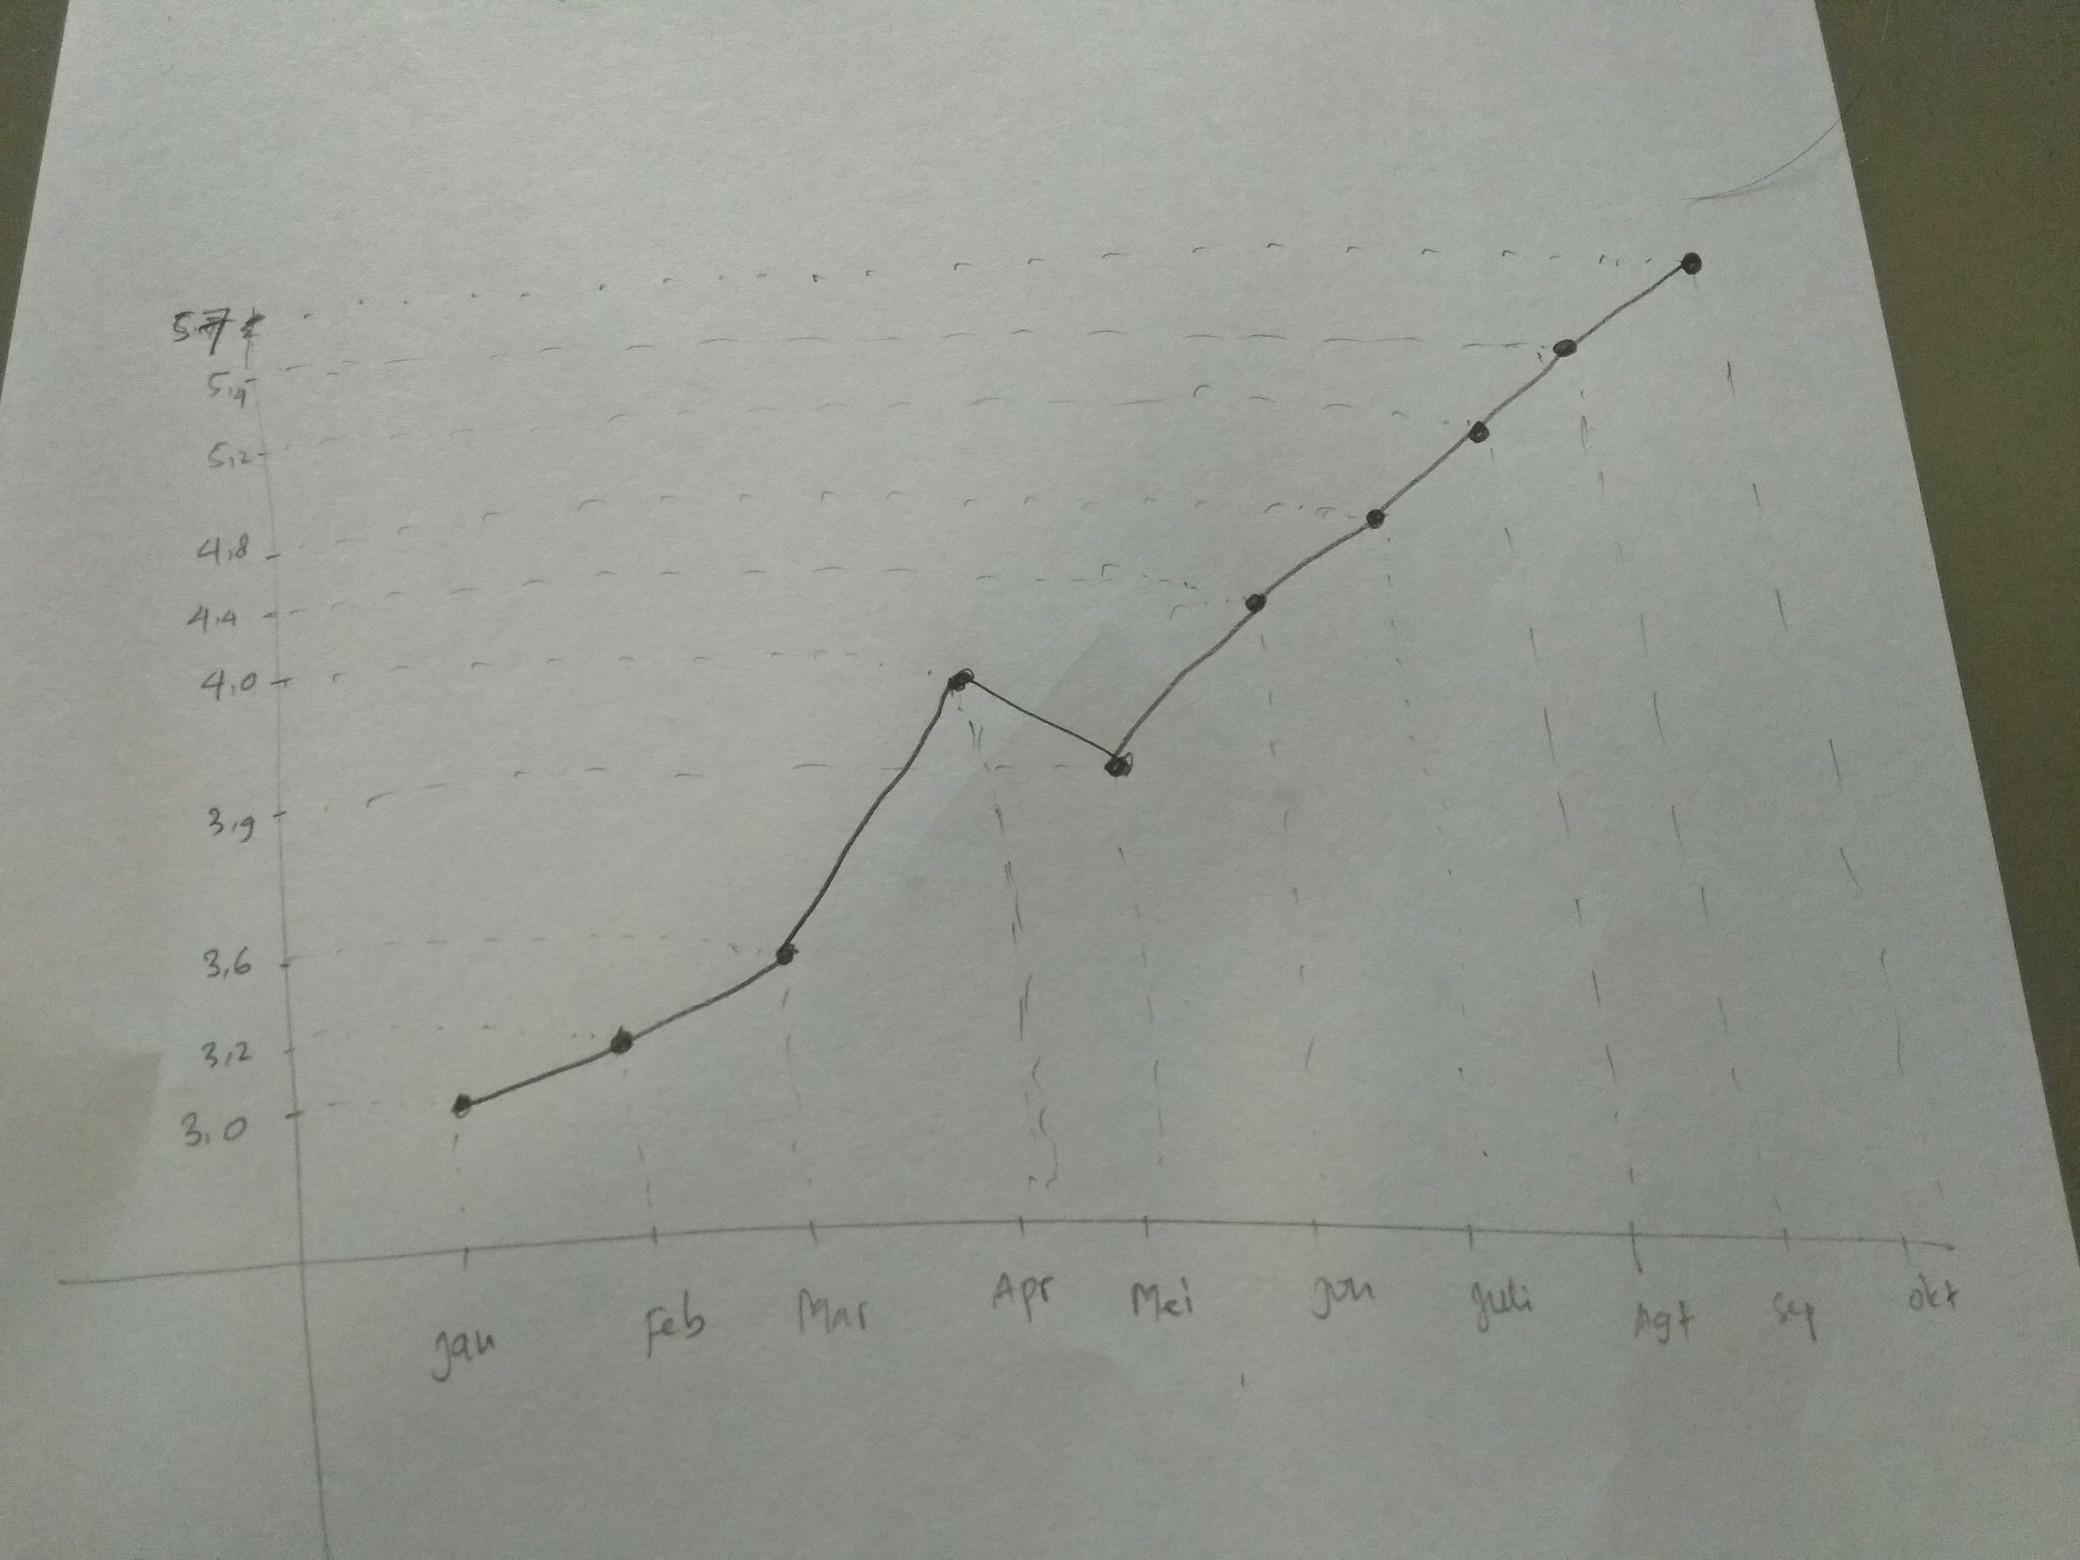 Grafik Tinggi Badan Berbanding Usia Paud - Temukan Contoh